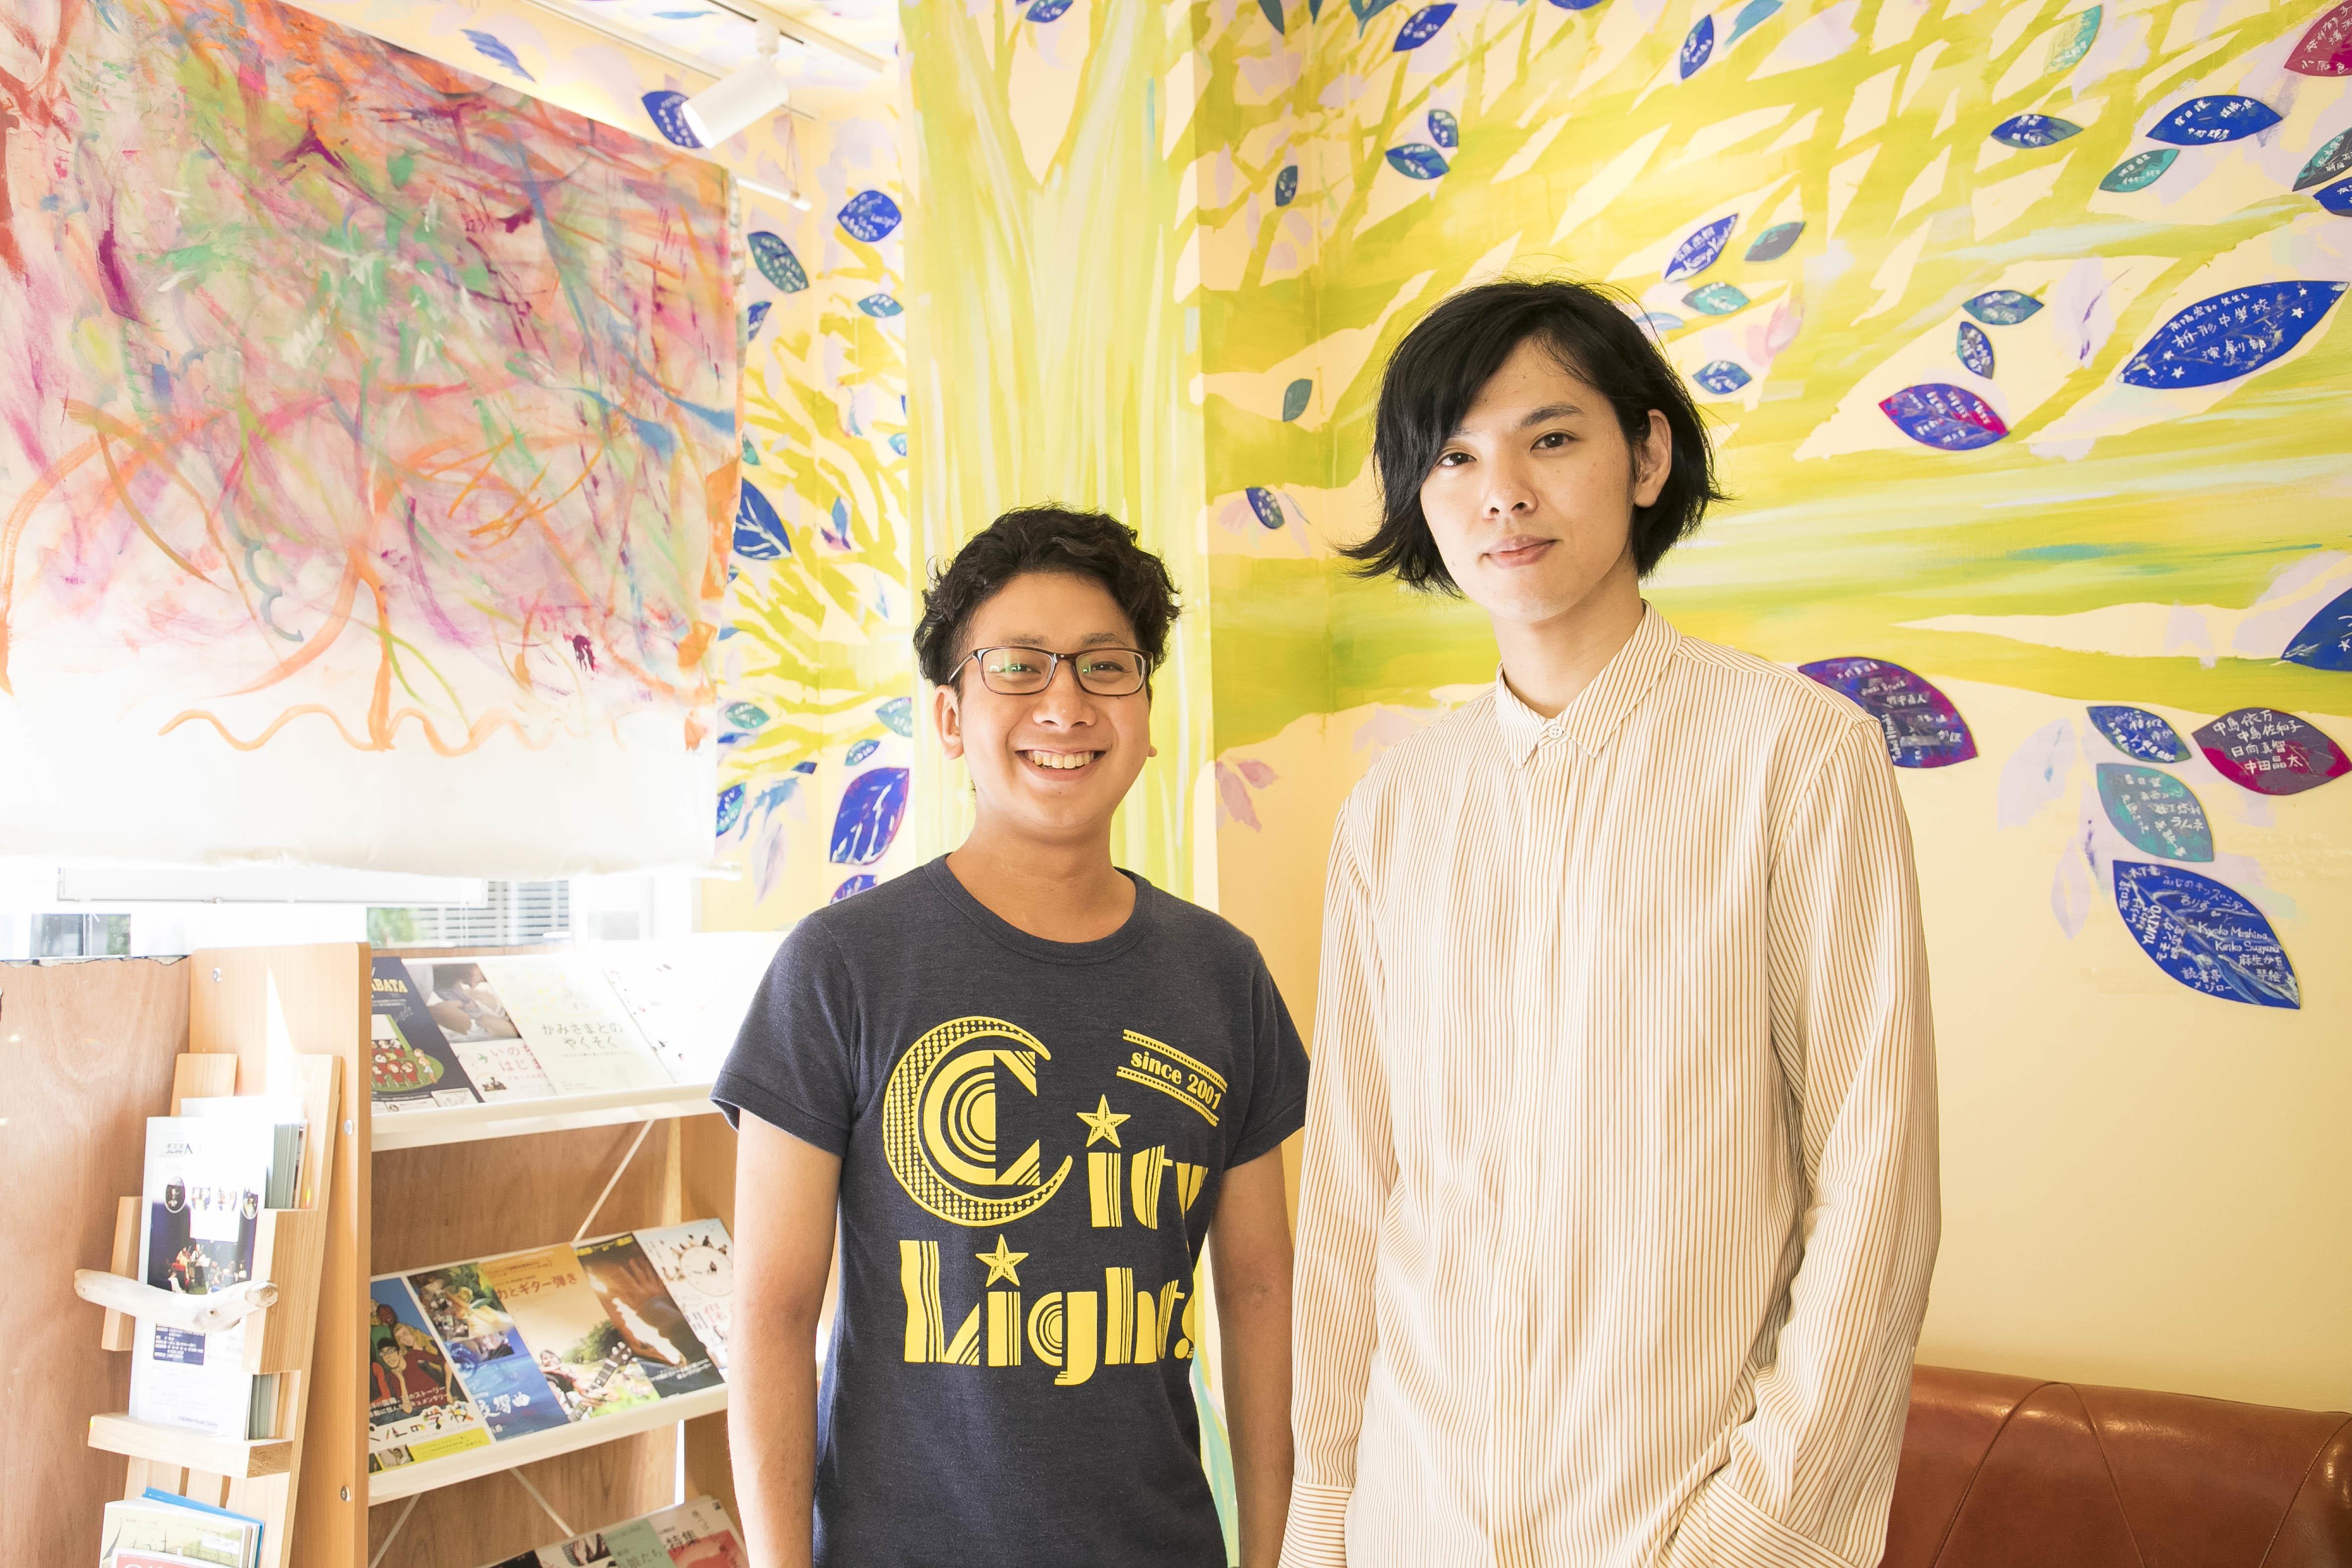 左から、佐藤浩章、タカハシヒョウリ 撮影=高橋定敬